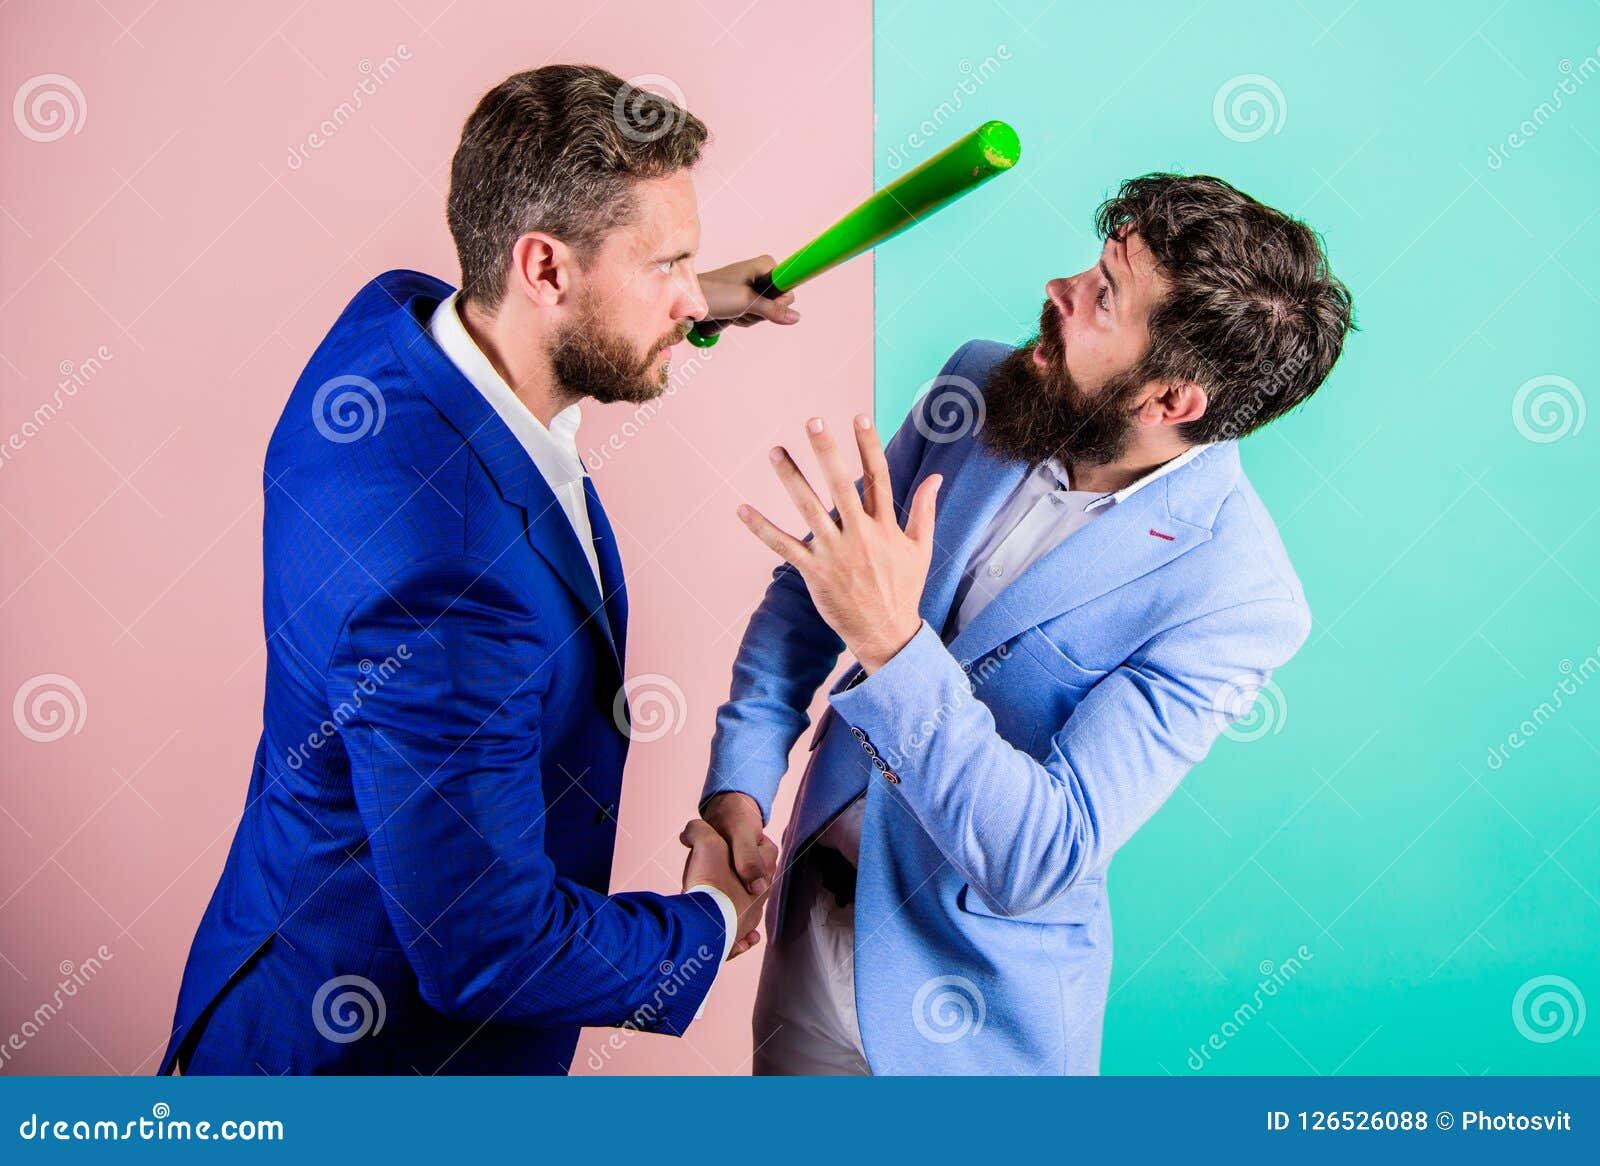 Chytry pierwsze wrażenie Zagrożenie z przemoc Chowany zagrożenia pojęcie Biznesmen podwyżki nietoperz podczas gdy trząść rękę